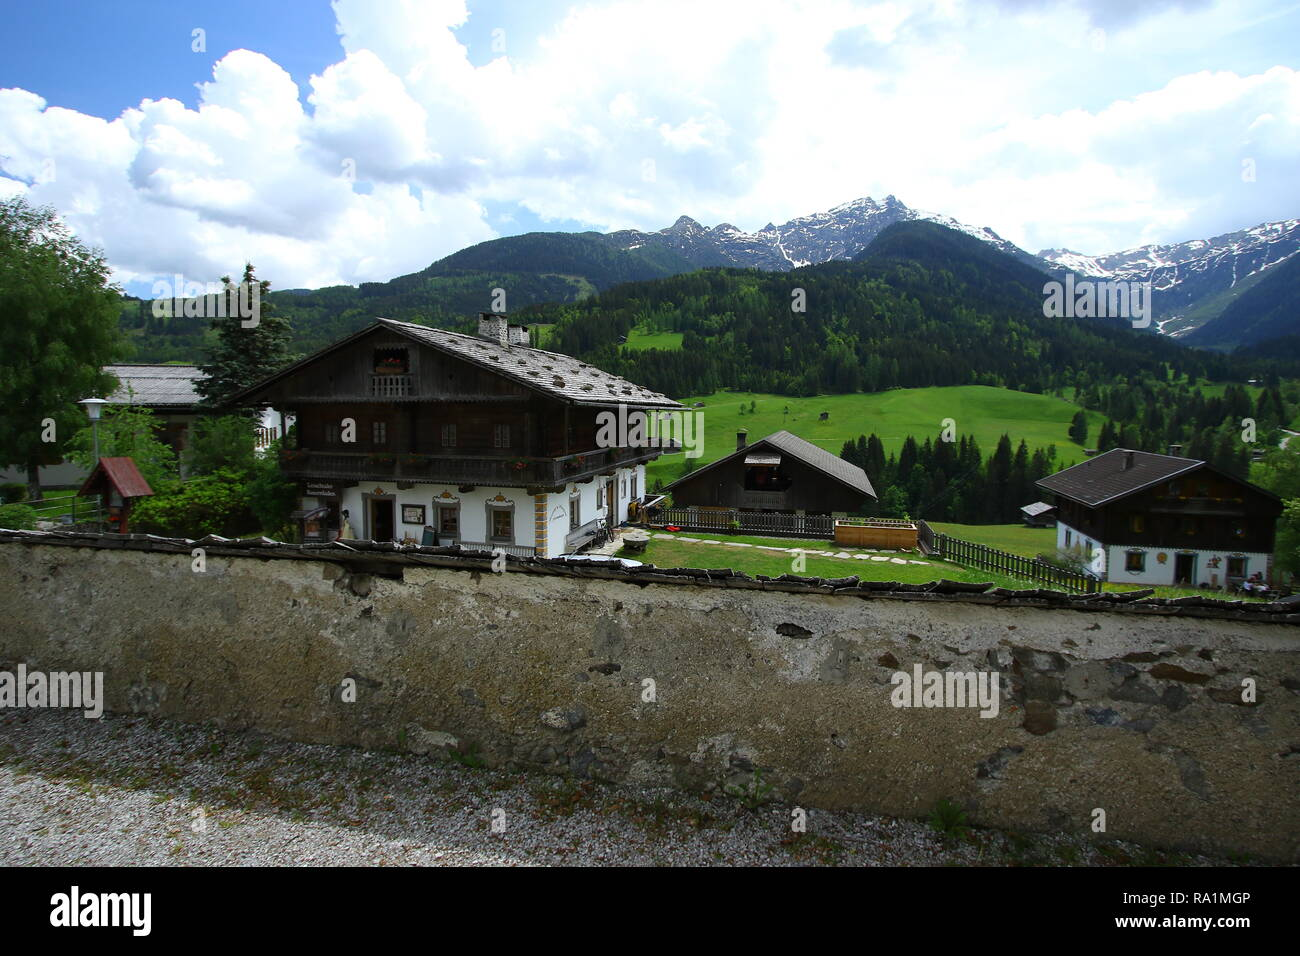 Lesachtal in Kärnten. Zusammen mit den Dörfern von Liesing, Maria Luggau, St. Jakob, Birnbaum und St. Lorenzen. Wild Österreich Europa. Stockbild